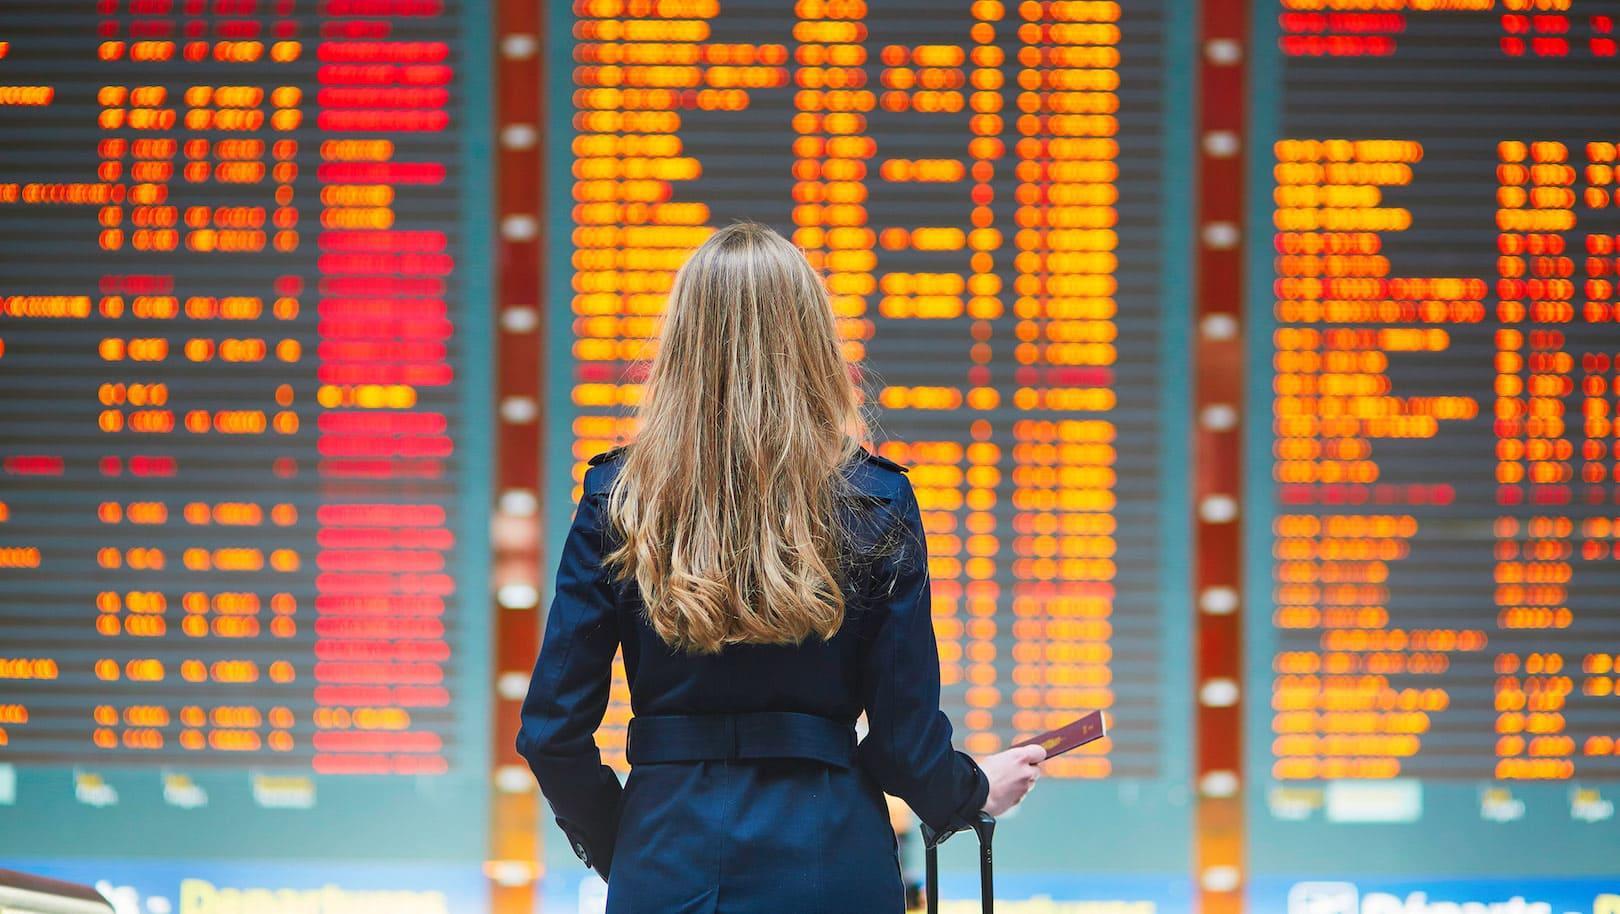 SOS Flights - Indenização voo cancelado, atrasado, bagagem perdida...